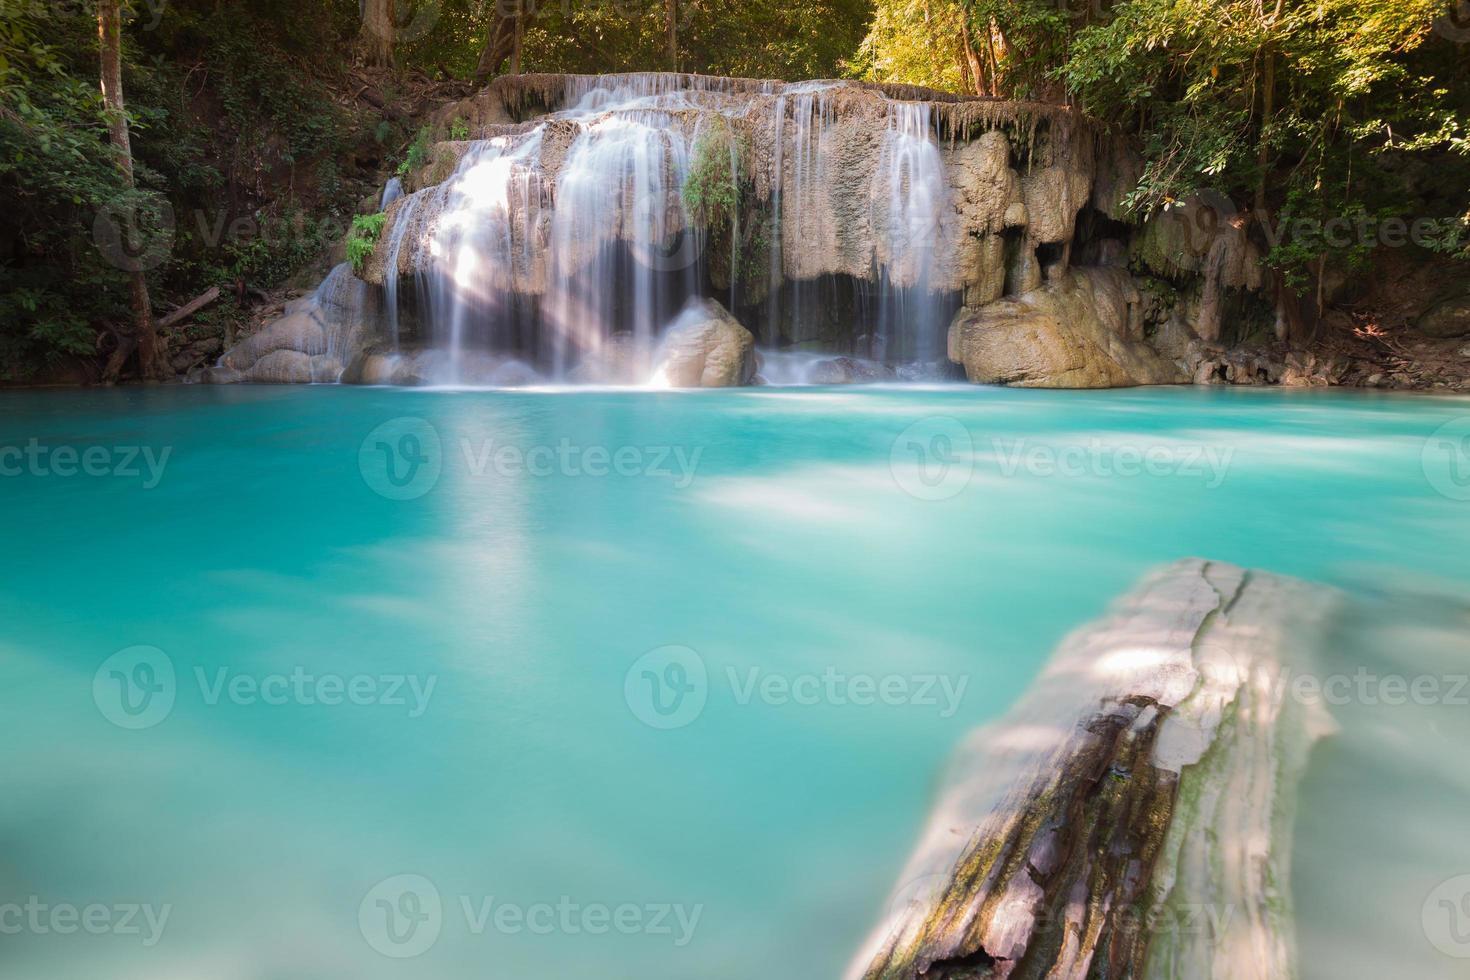 Blue Stream Wasserfälle finden im tiefen Walddschungel foto